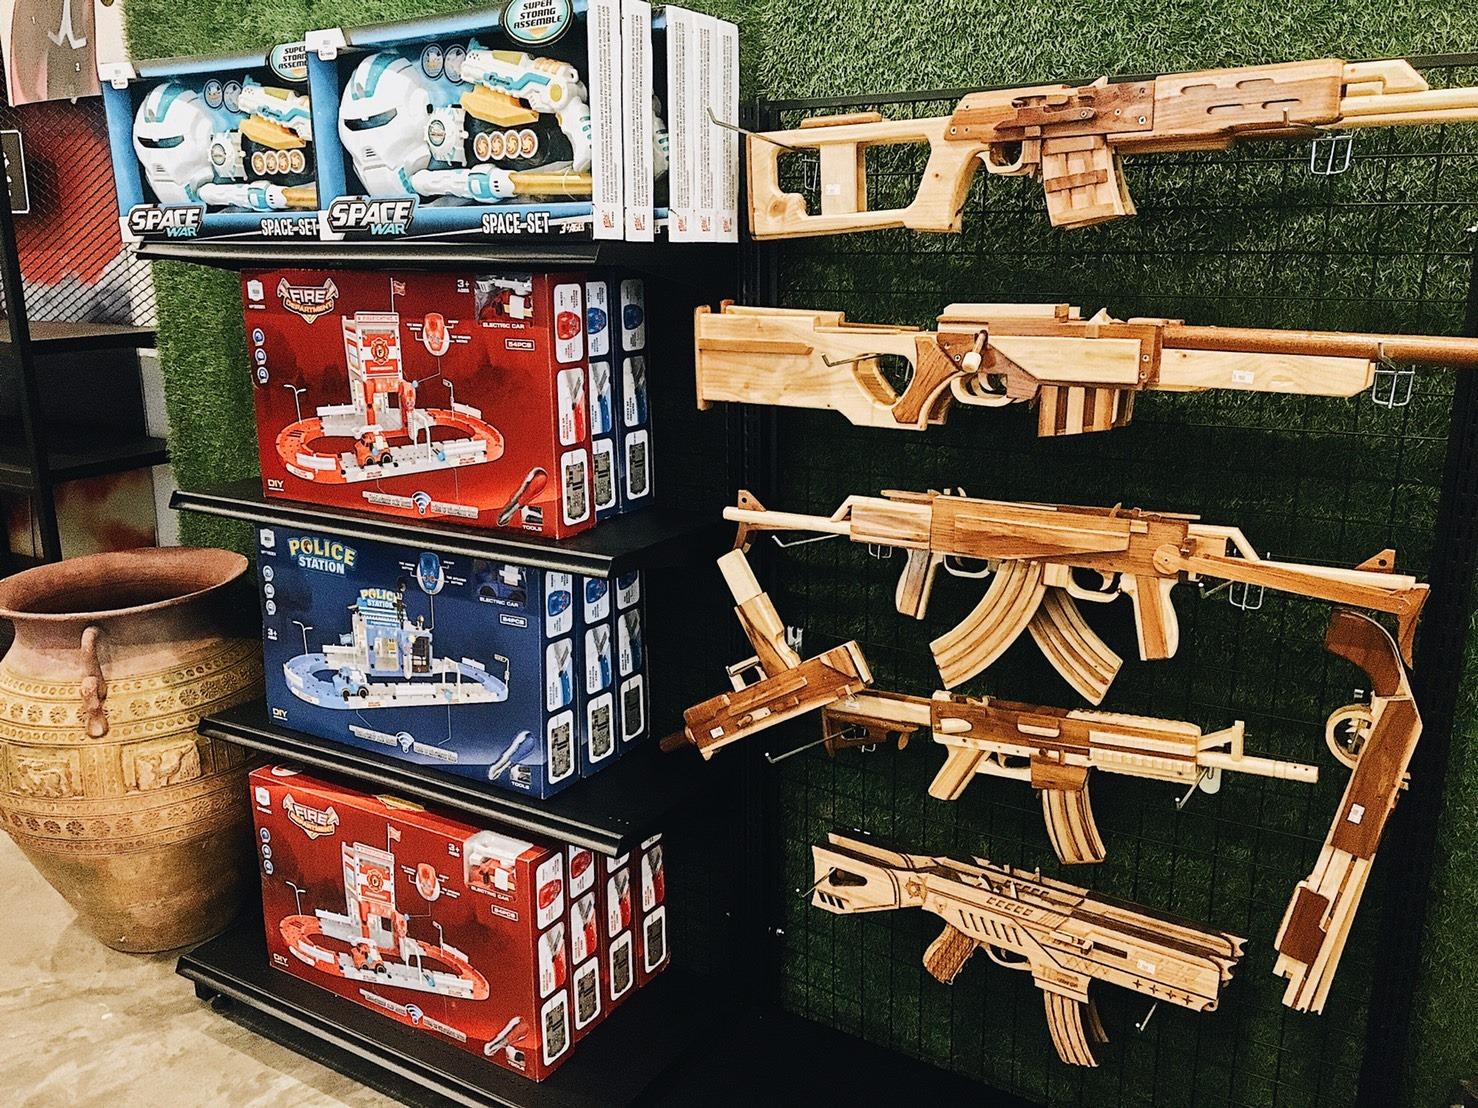 สนามยิงปืนไล้ท์ บุลเล็ต